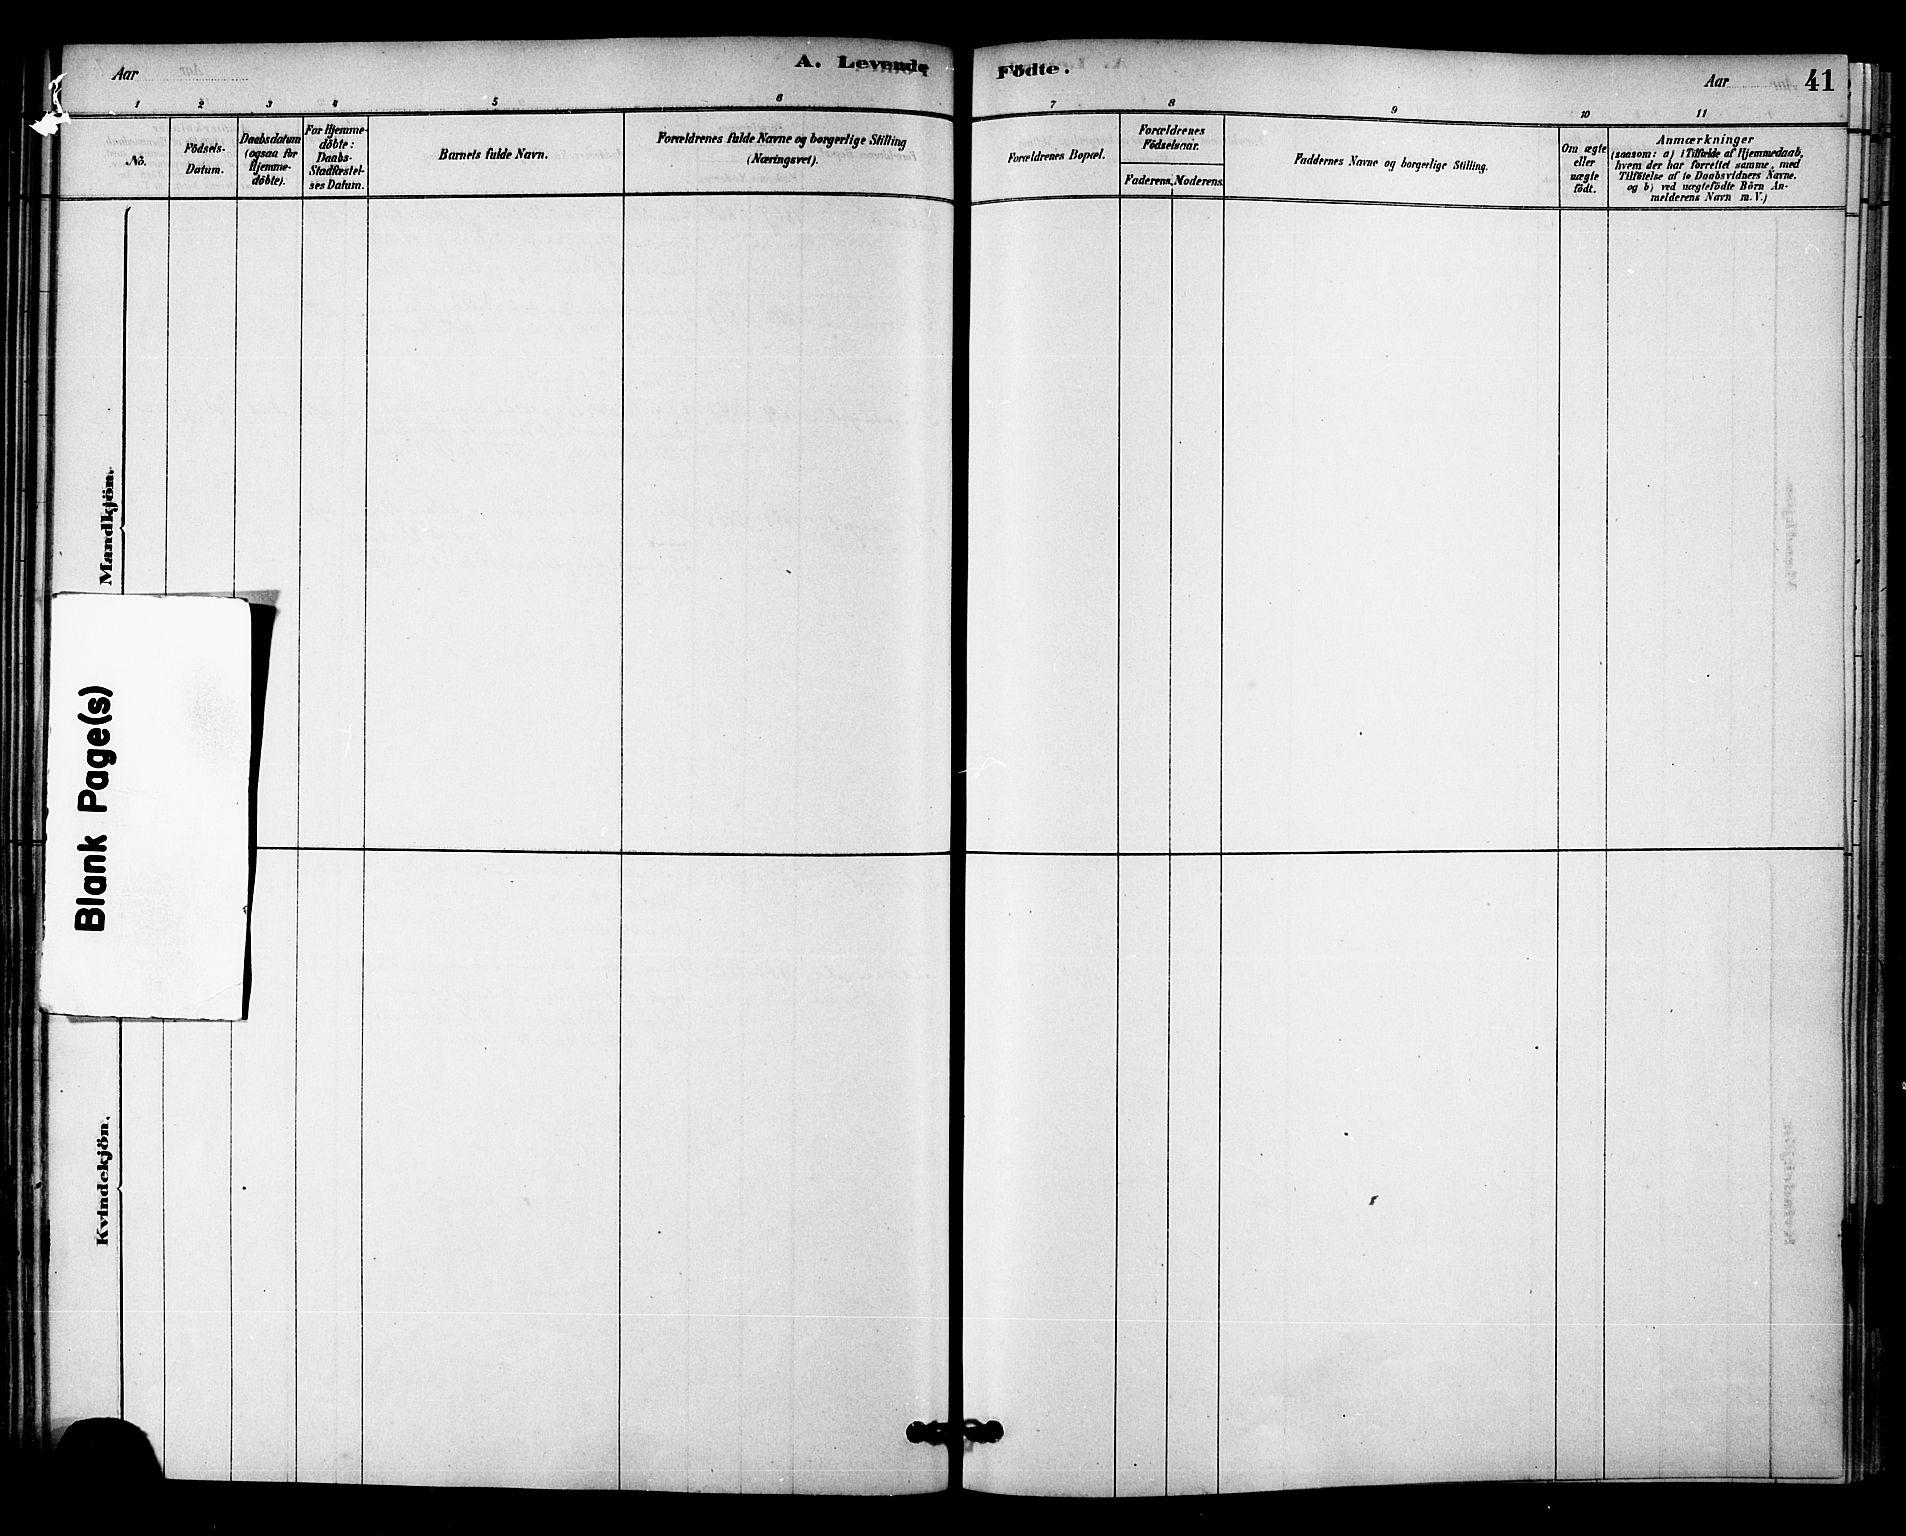 SAT, Ministerialprotokoller, klokkerbøker og fødselsregistre - Nord-Trøndelag, 745/L0429: Ministerialbok nr. 745A01, 1878-1894, s. 41